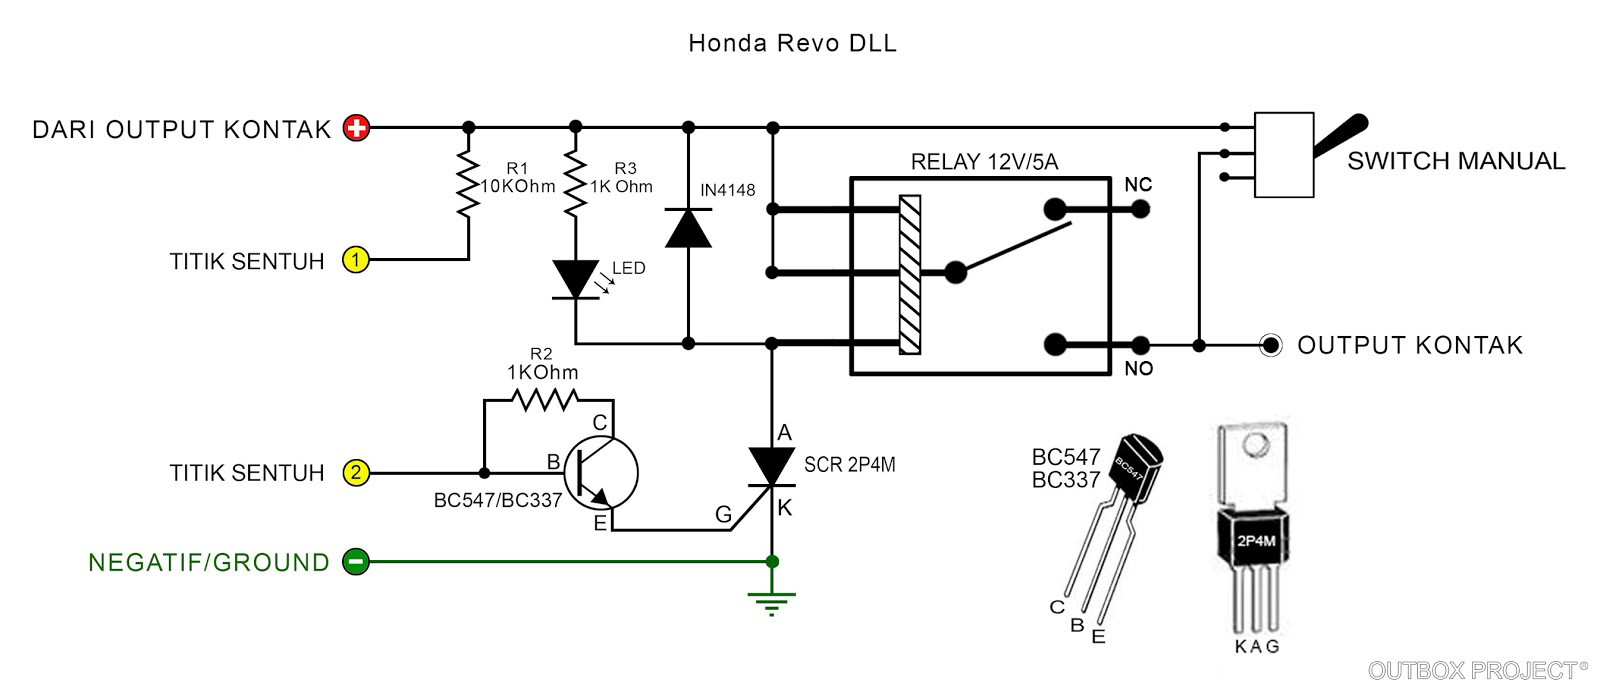 Outbox Project Membuat Pengaman Motor Sederhana Dengan Sensor Relay 12 Volt 8 Kaki Rangkaiannya Jadi Seperti Ini Ganinput Diambil Dari Positif